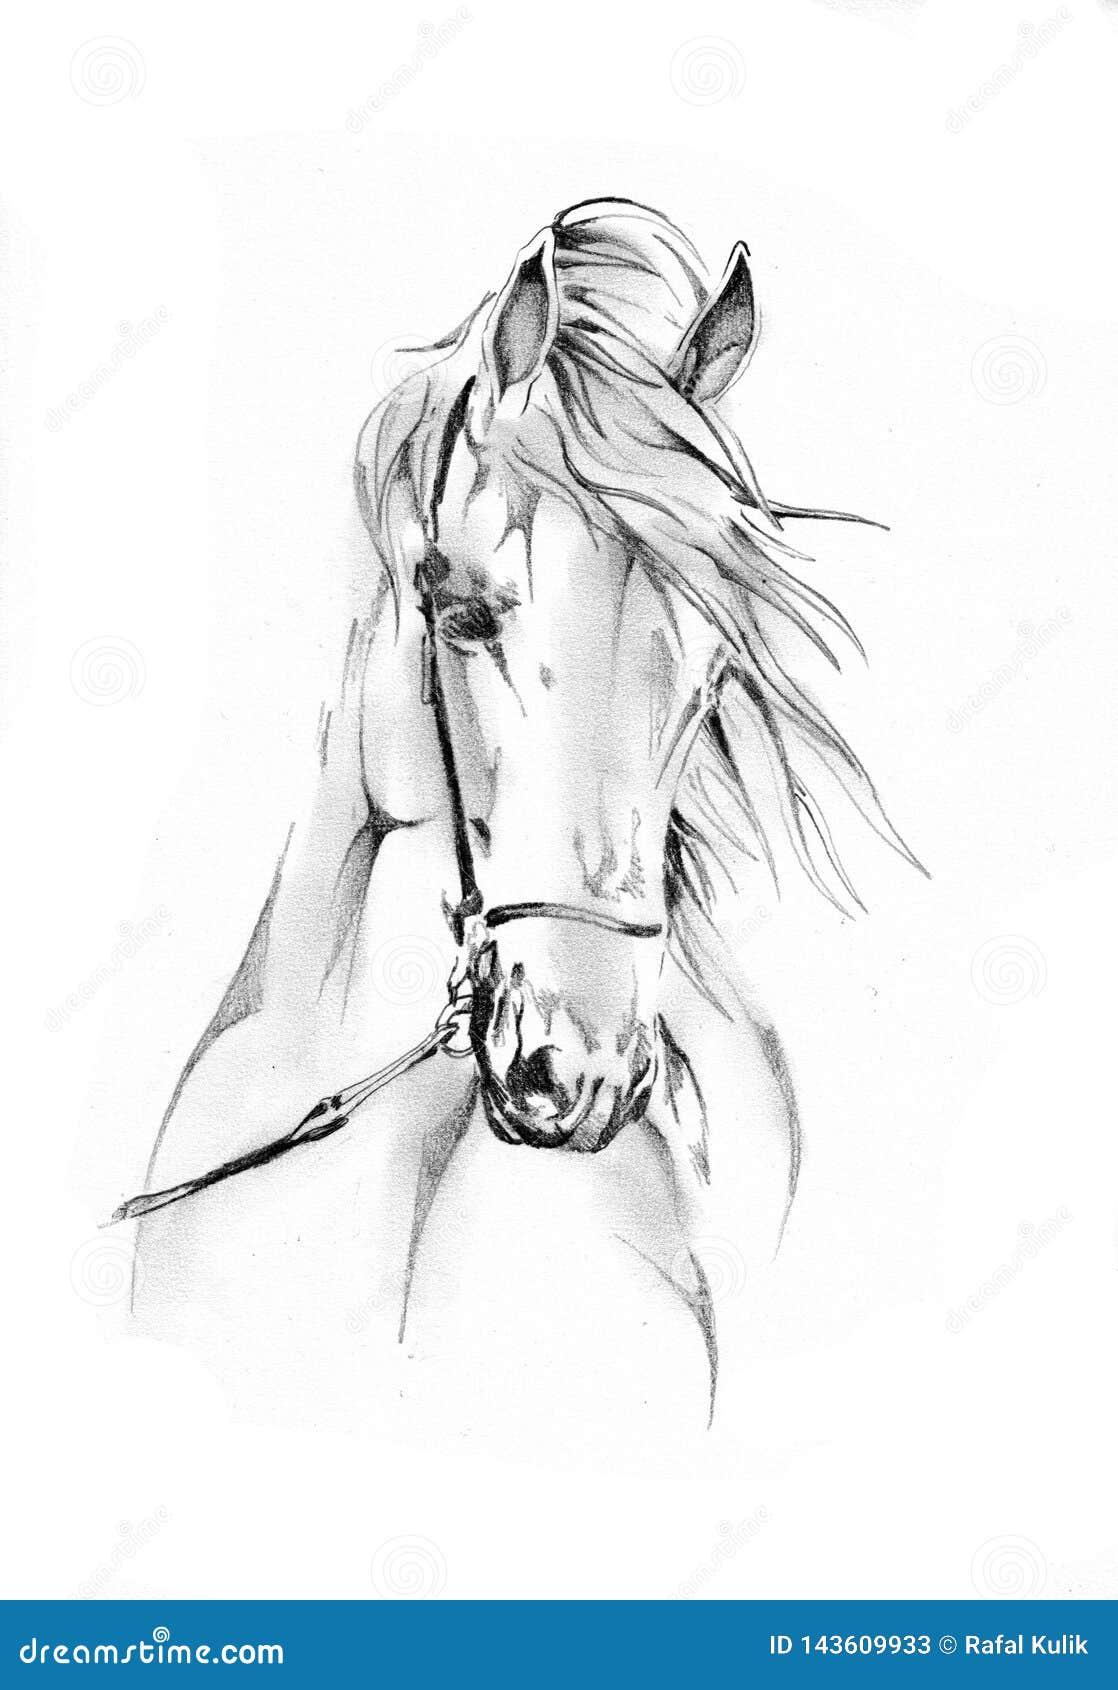 Dessin Au Crayon à Main Levée De Tête De Cheval Illustration